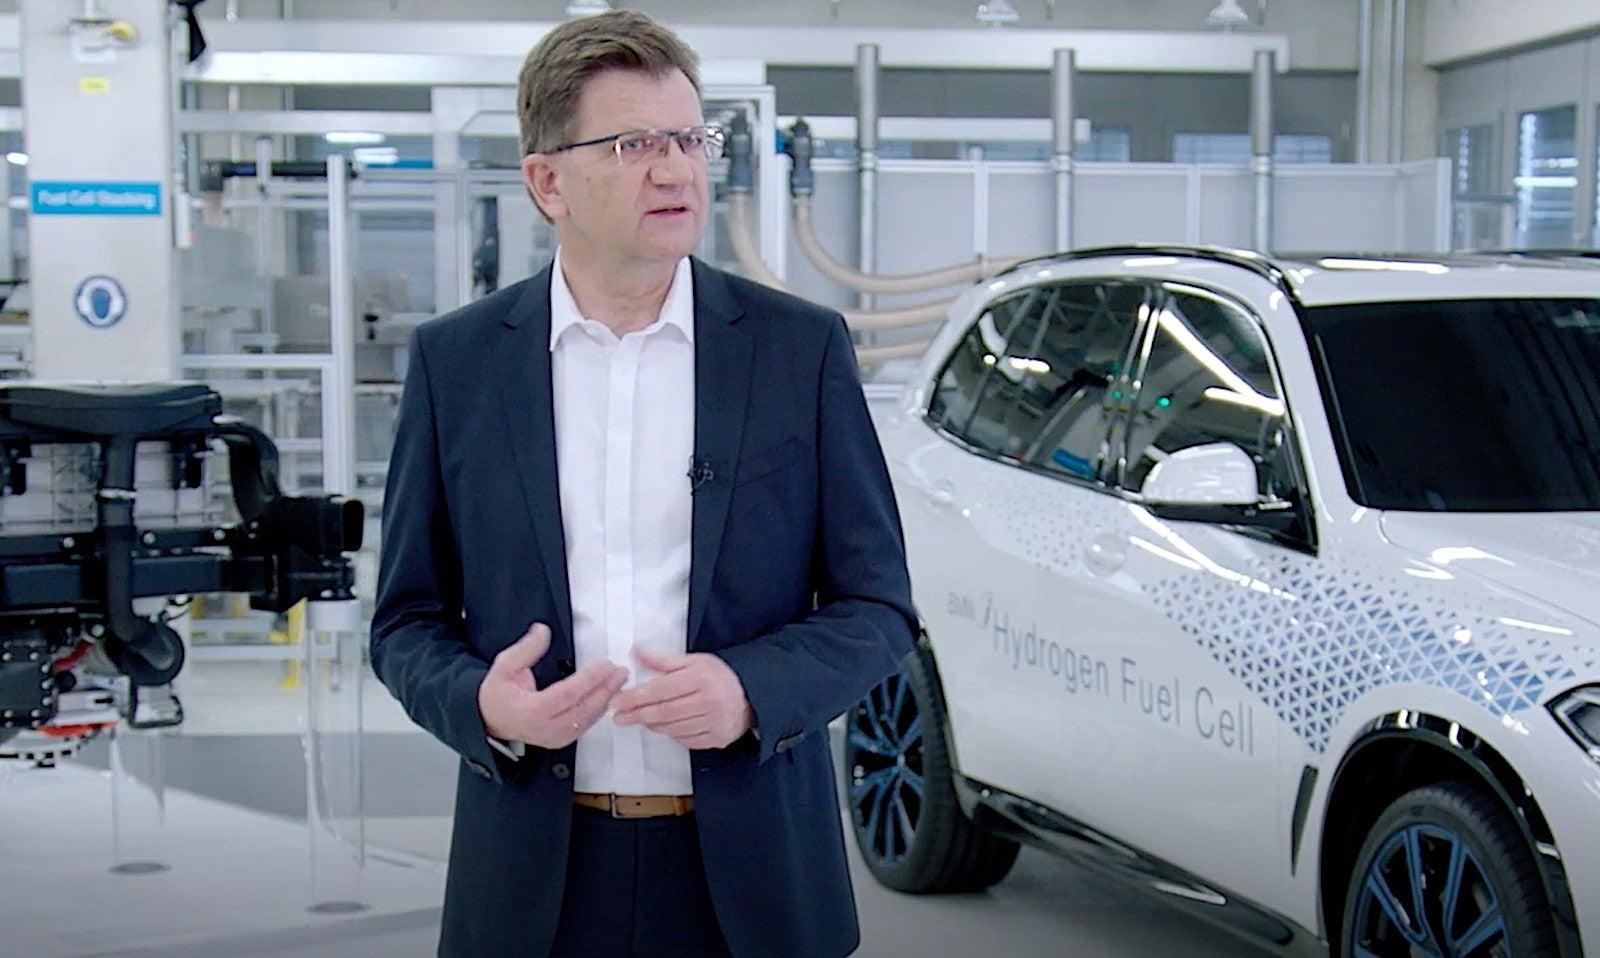 Bmw Reveals New Hydrogen Fuel Cell Technology The Detroit Bureau